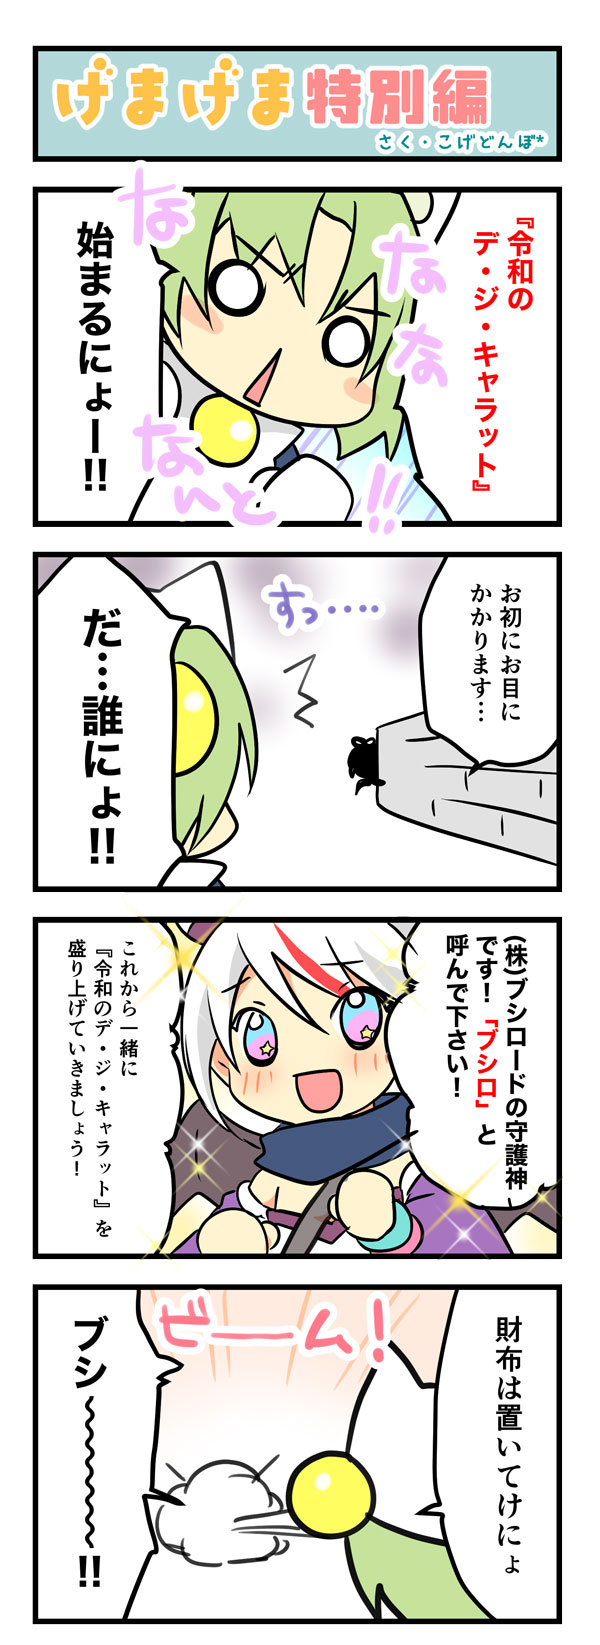 げまげま特別編(ブシロちゃん初登場!)